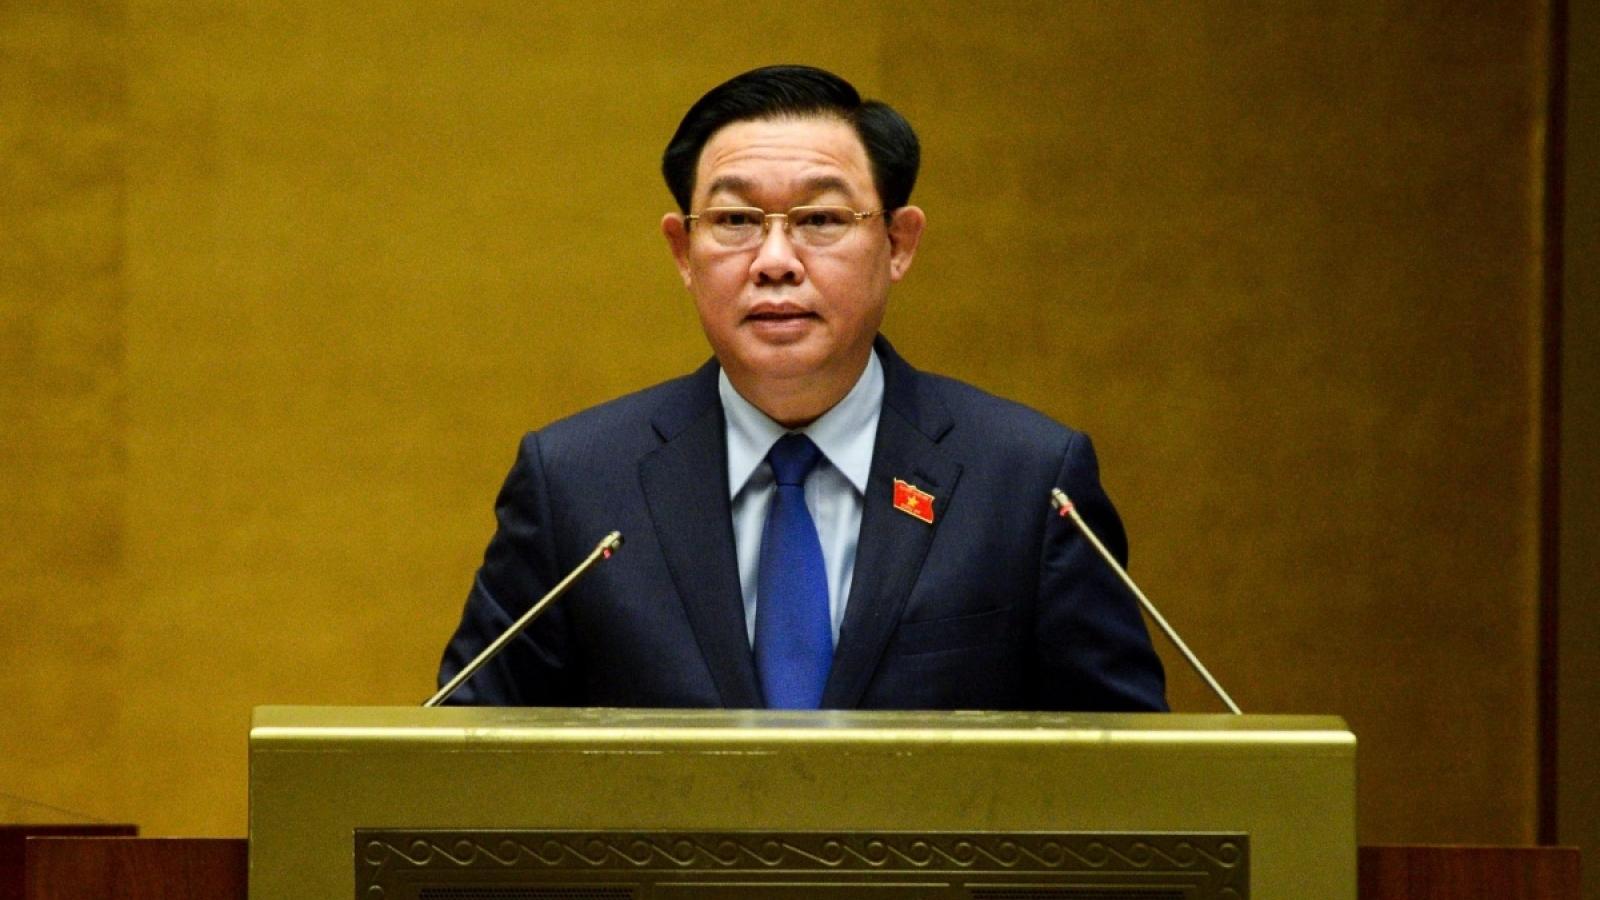 Phát biểu bế mạc Kỳ họp thứ nhất, Quốc hội Khóa XV của Chủ tịch Vương Đình Huệ